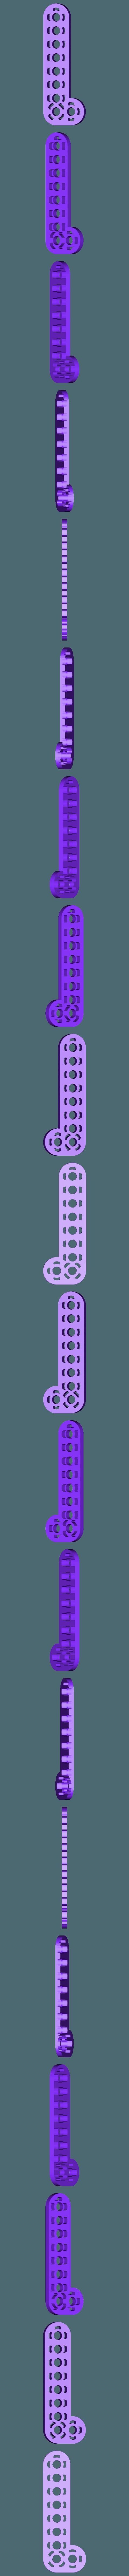 L_2_8.STL Télécharger fichier STL gratuit MEGA Expansion 200+ Pièces • Plan à imprimer en 3D, Pwentey